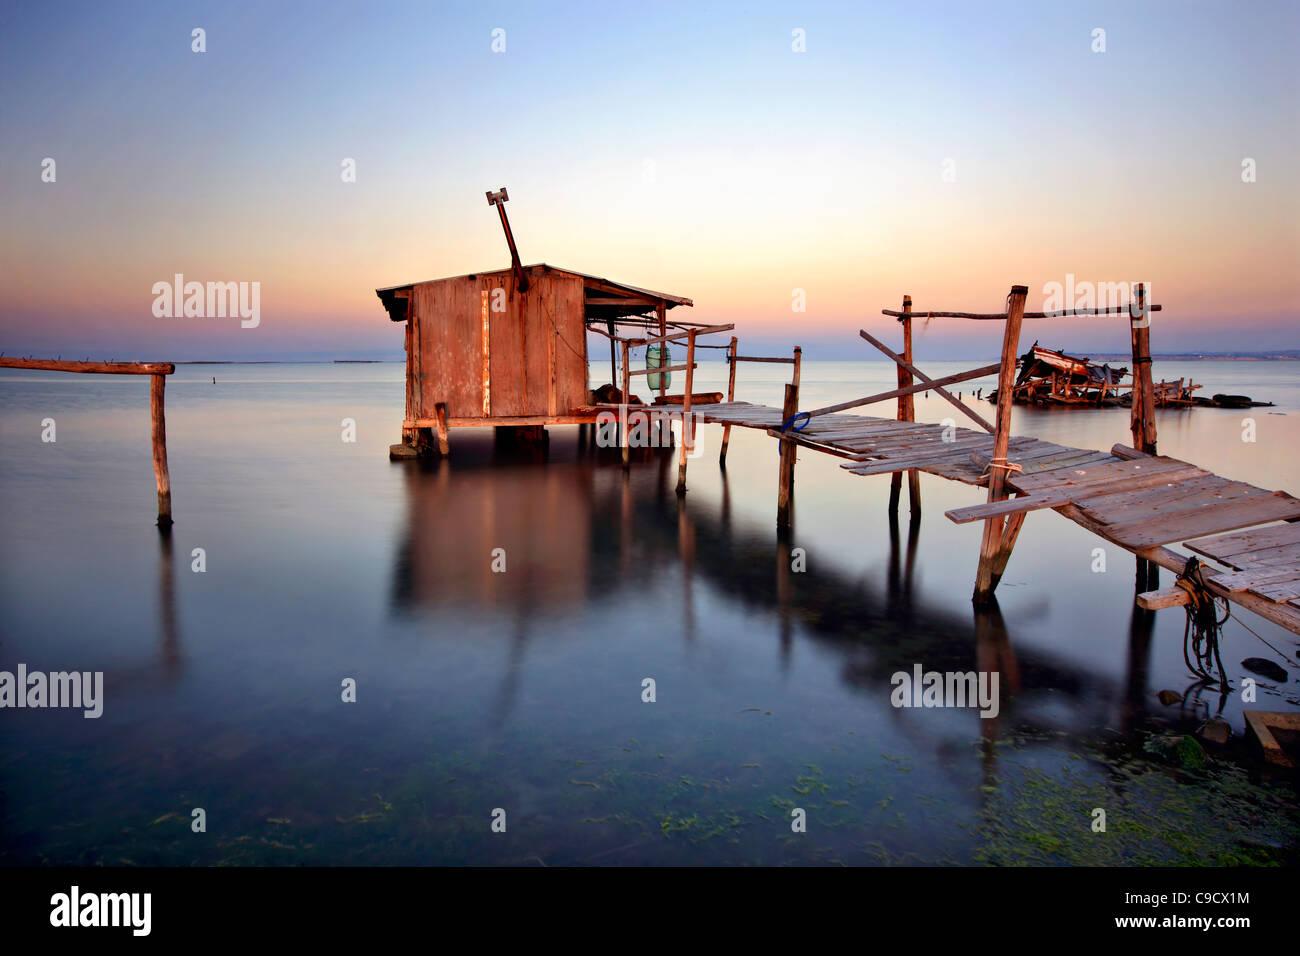 """Stelzen-Hütte im Delta des Axios (auch bekannt als """"Vardaris"""") Fluss, Thessaloniki, Makedonien, Griechenland Stockfoto"""